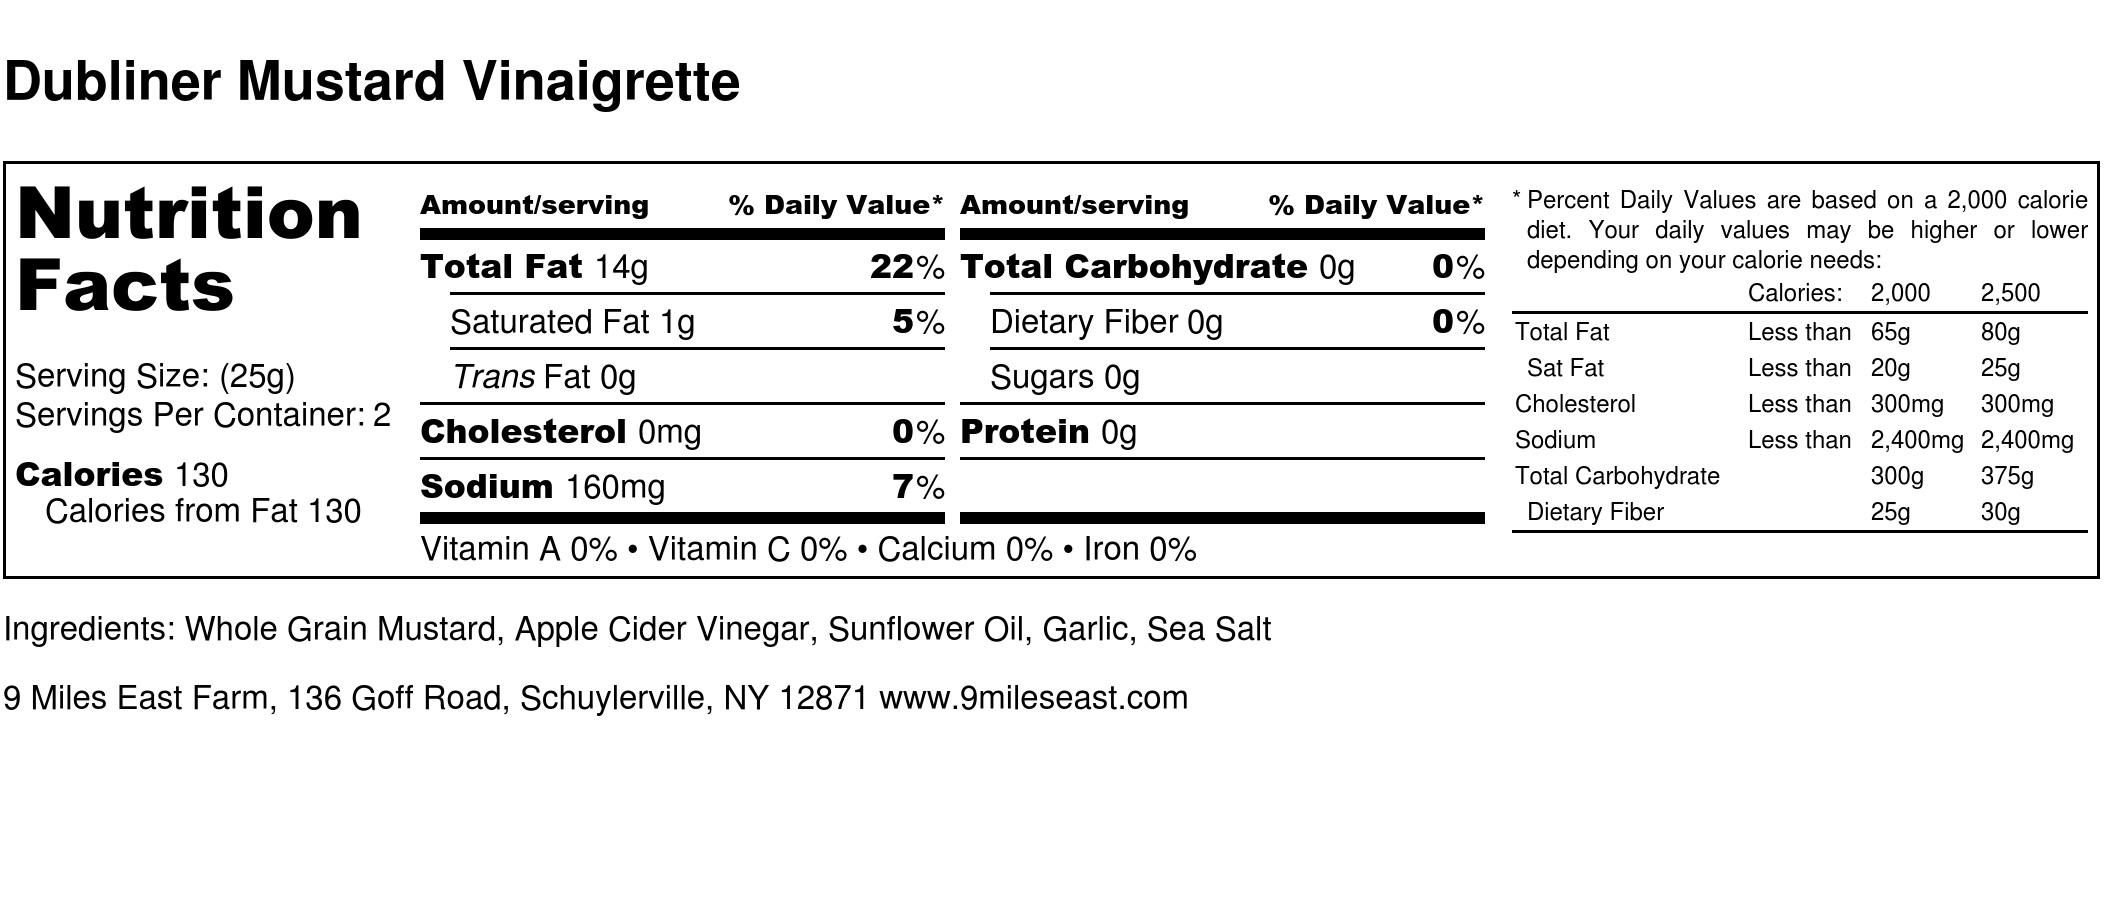 Dubliner Mustard Vinaigrette - Nutrition Label.jpg